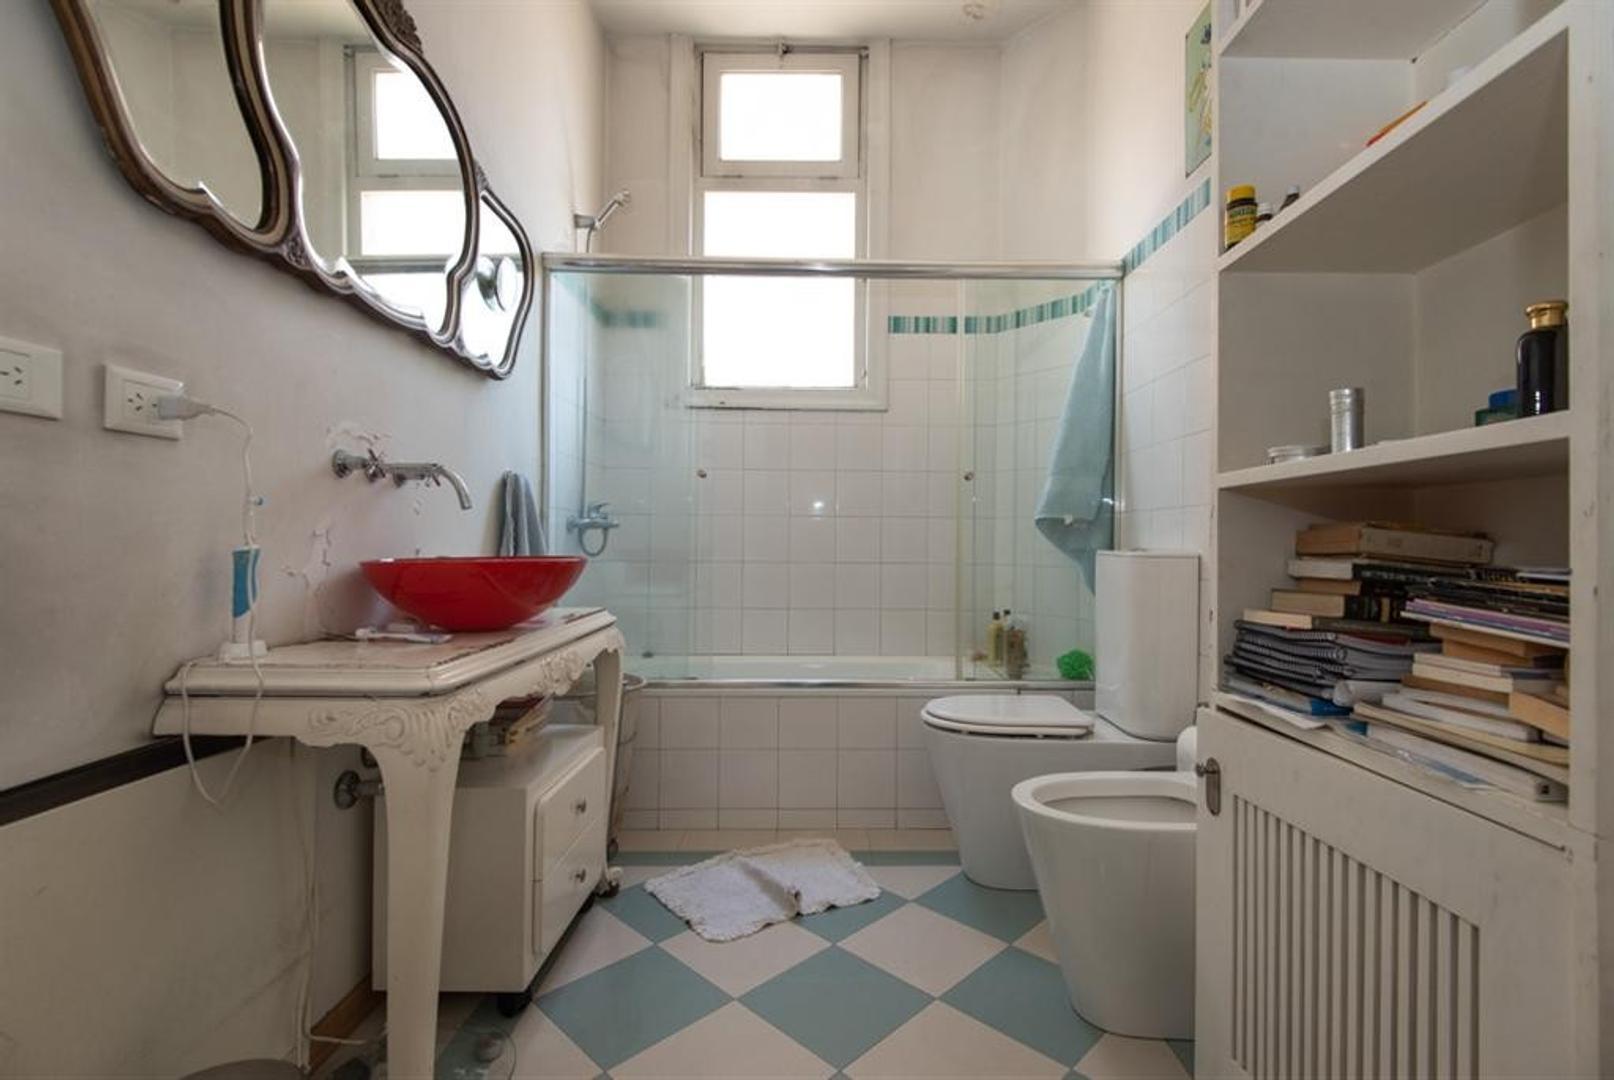 Muy buen departamento antiguo, reciclado, en esquina. Luminoso, excelentes detalles - Foto 21